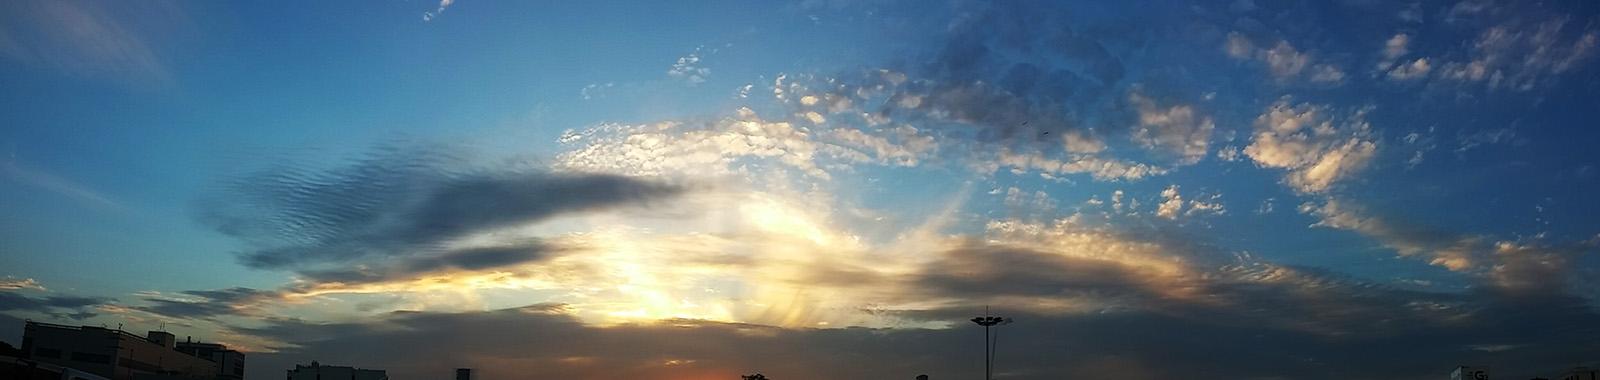 LG G2로 촬영한 회사 주차장. 햇살이 비추는 하늘의 모습을 와이드하게 촬영한 사진